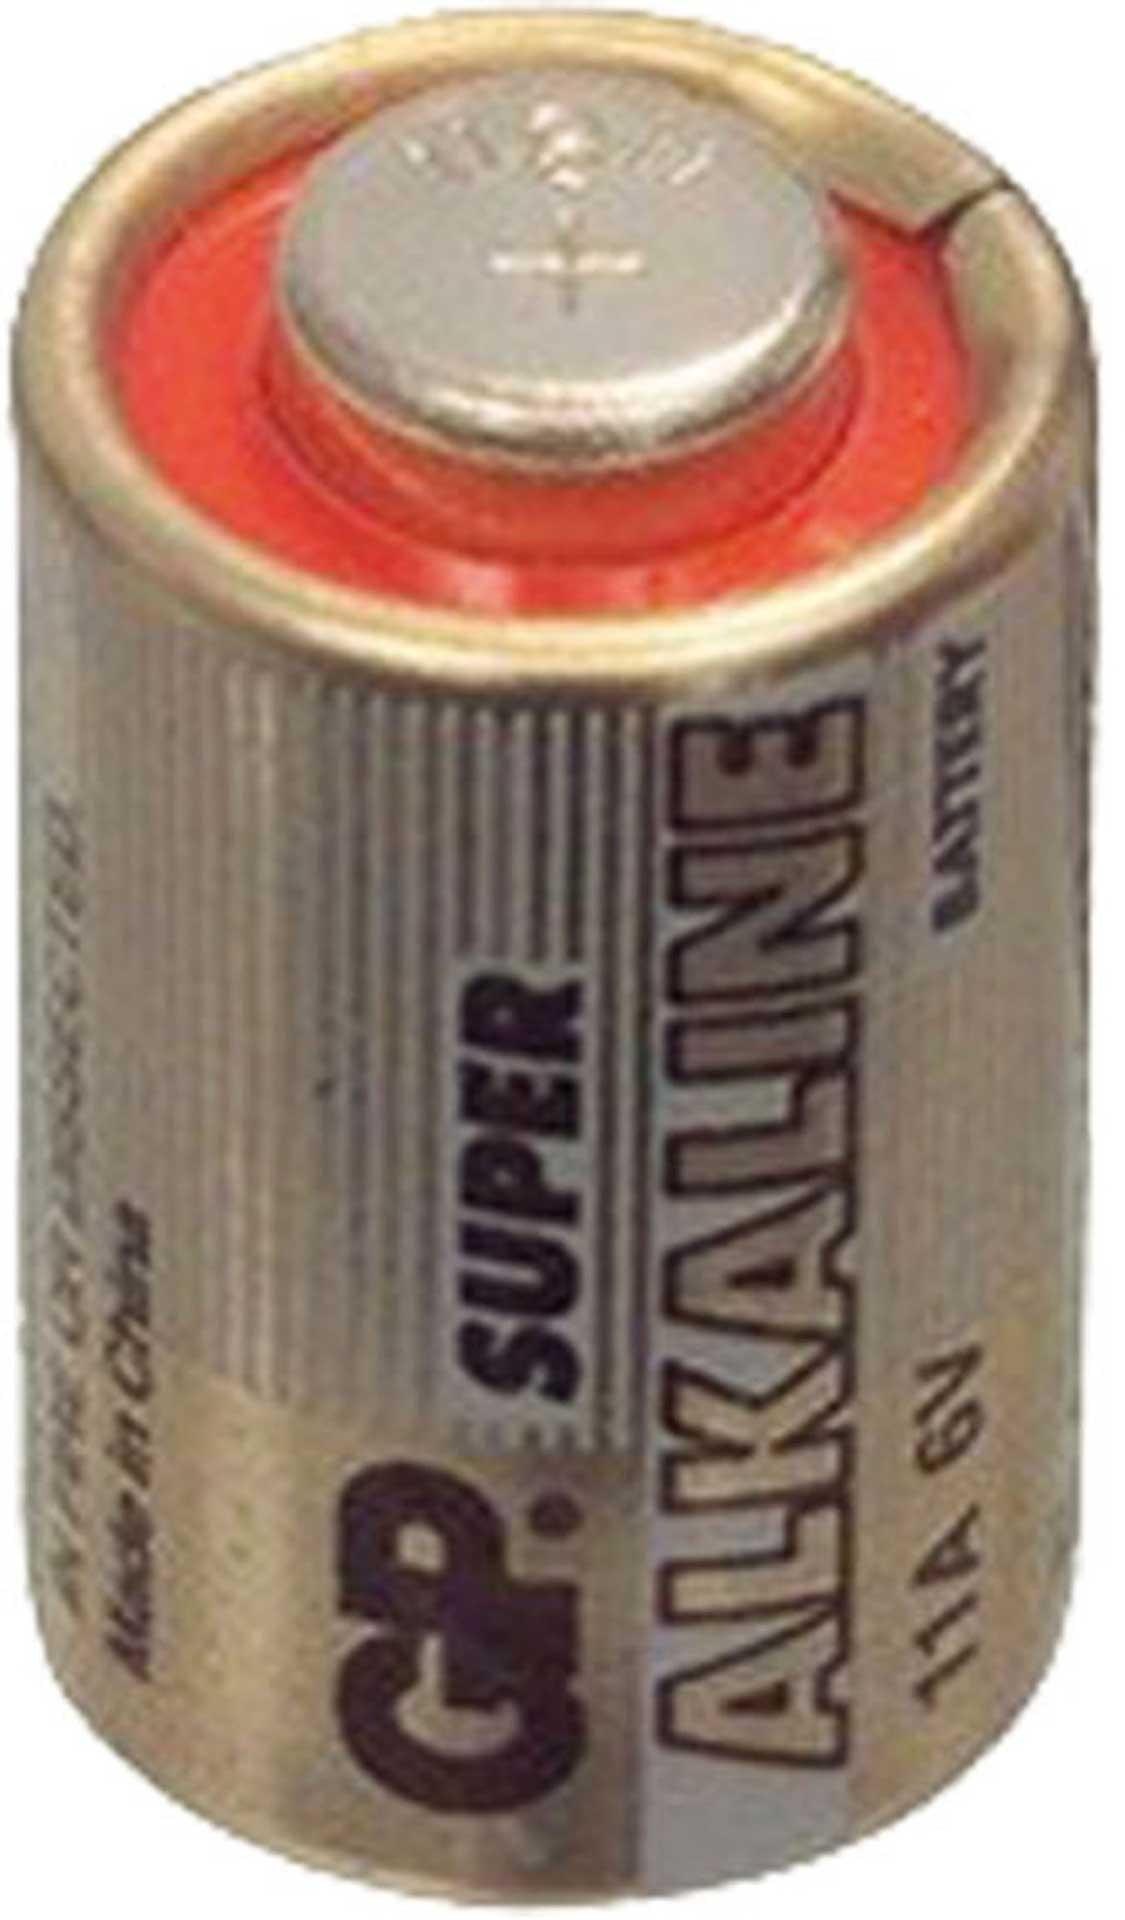 GP SUPER ALKALINE 11A/L1016/A21 6V